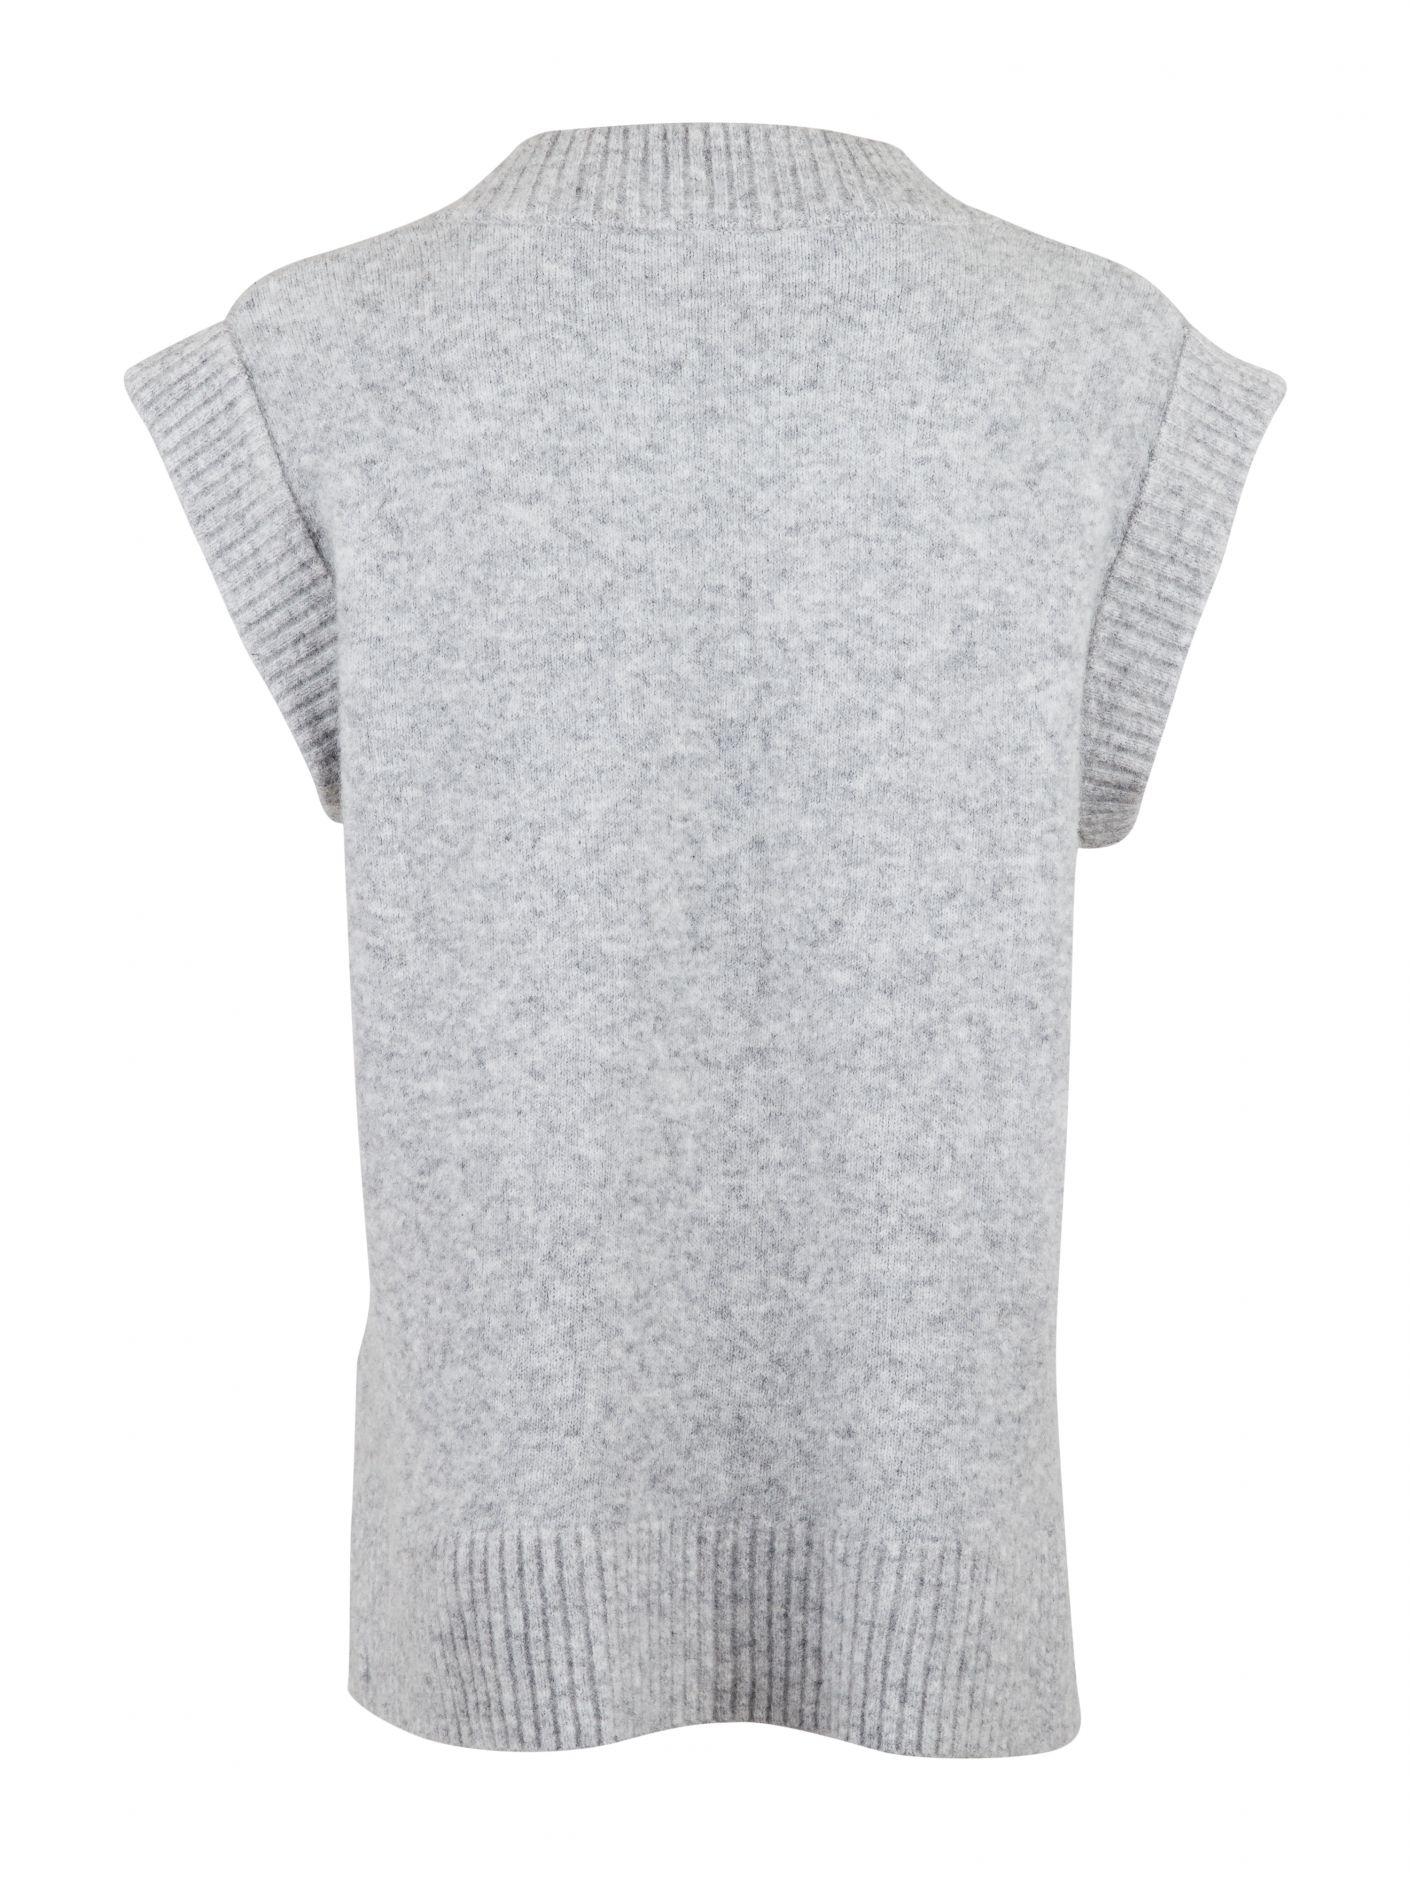 Neo Noir Kaylee strik vest, light grey melange, x-large